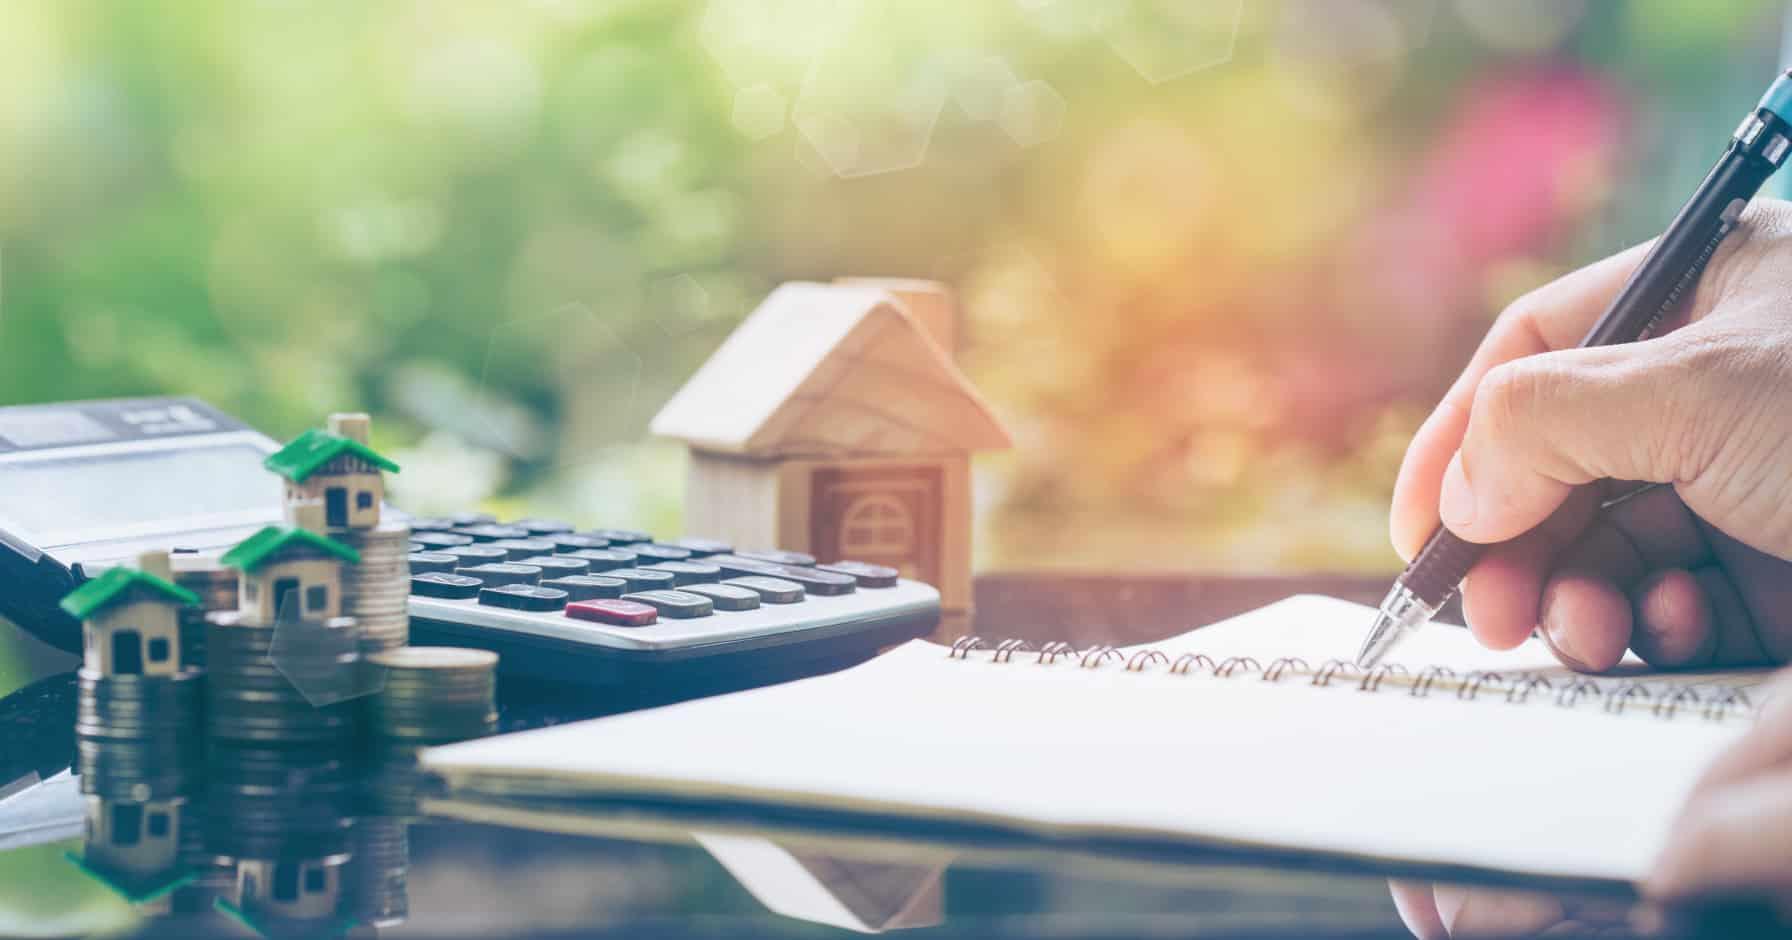 Haus Uberschreiben 10 Jahresfrist Tipps Von Vermietet De